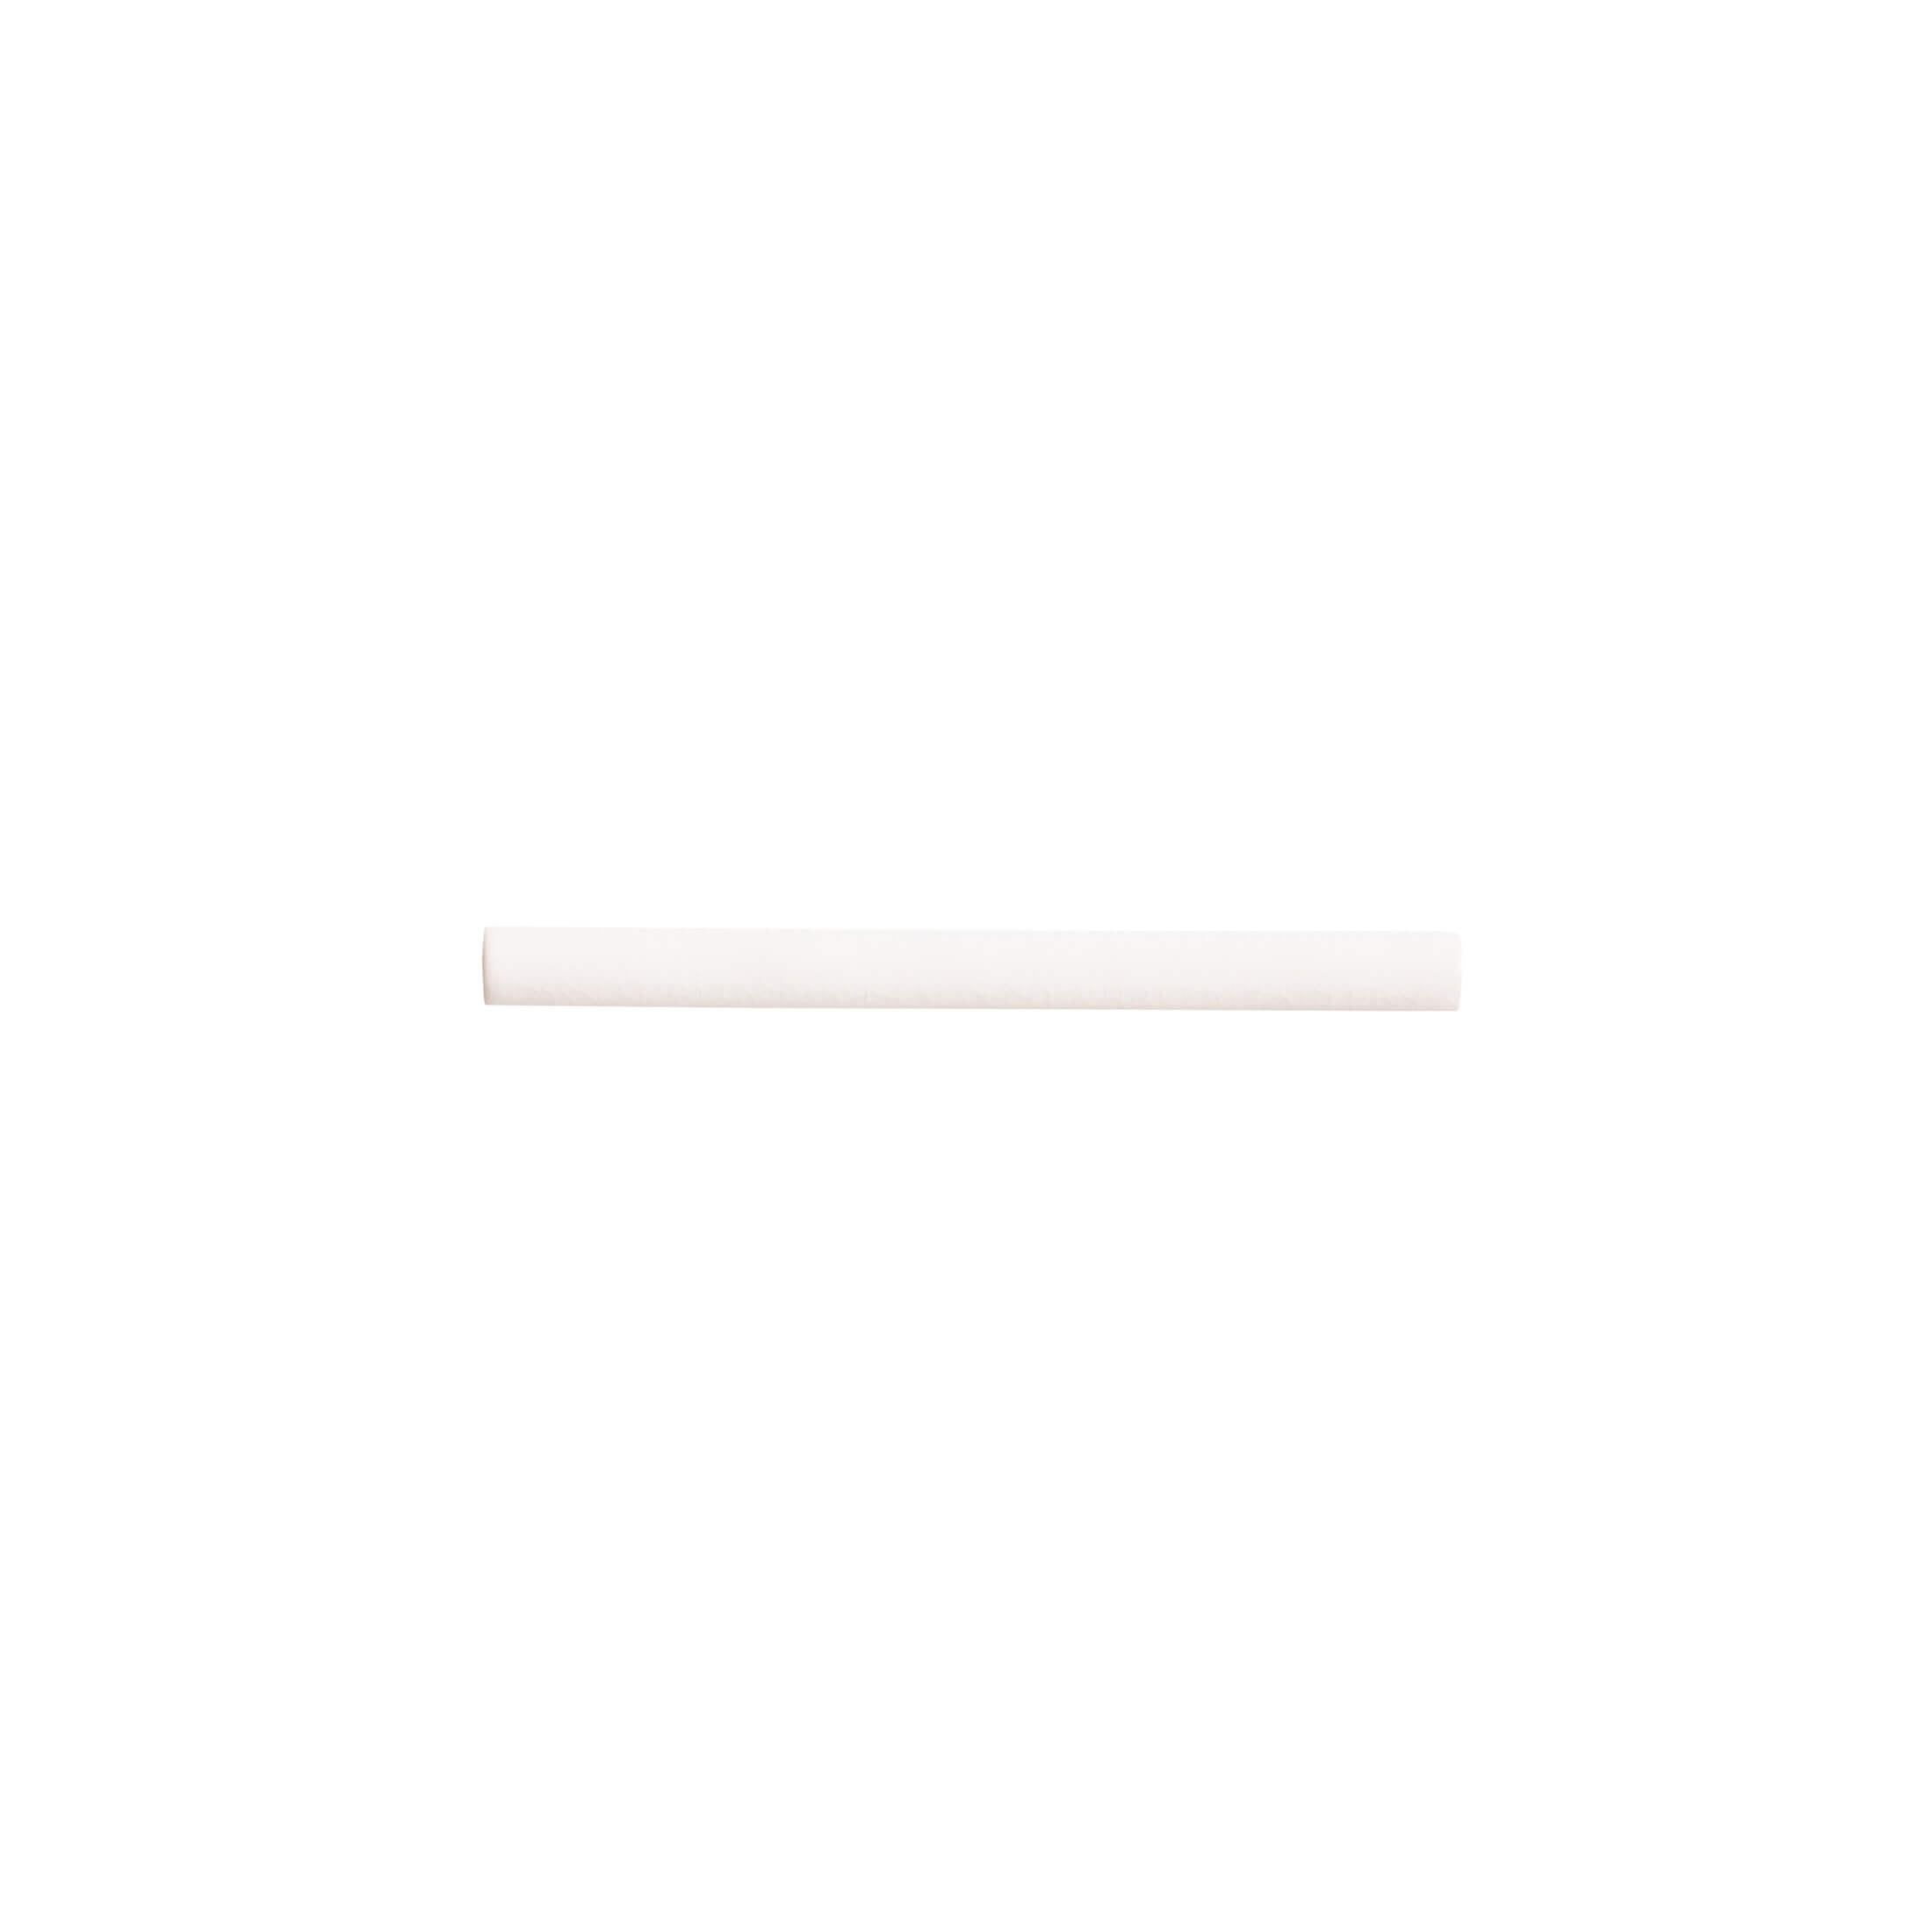 ADEH5001 - BULLNOSE TRIM - 1.2 cm X 15 cm